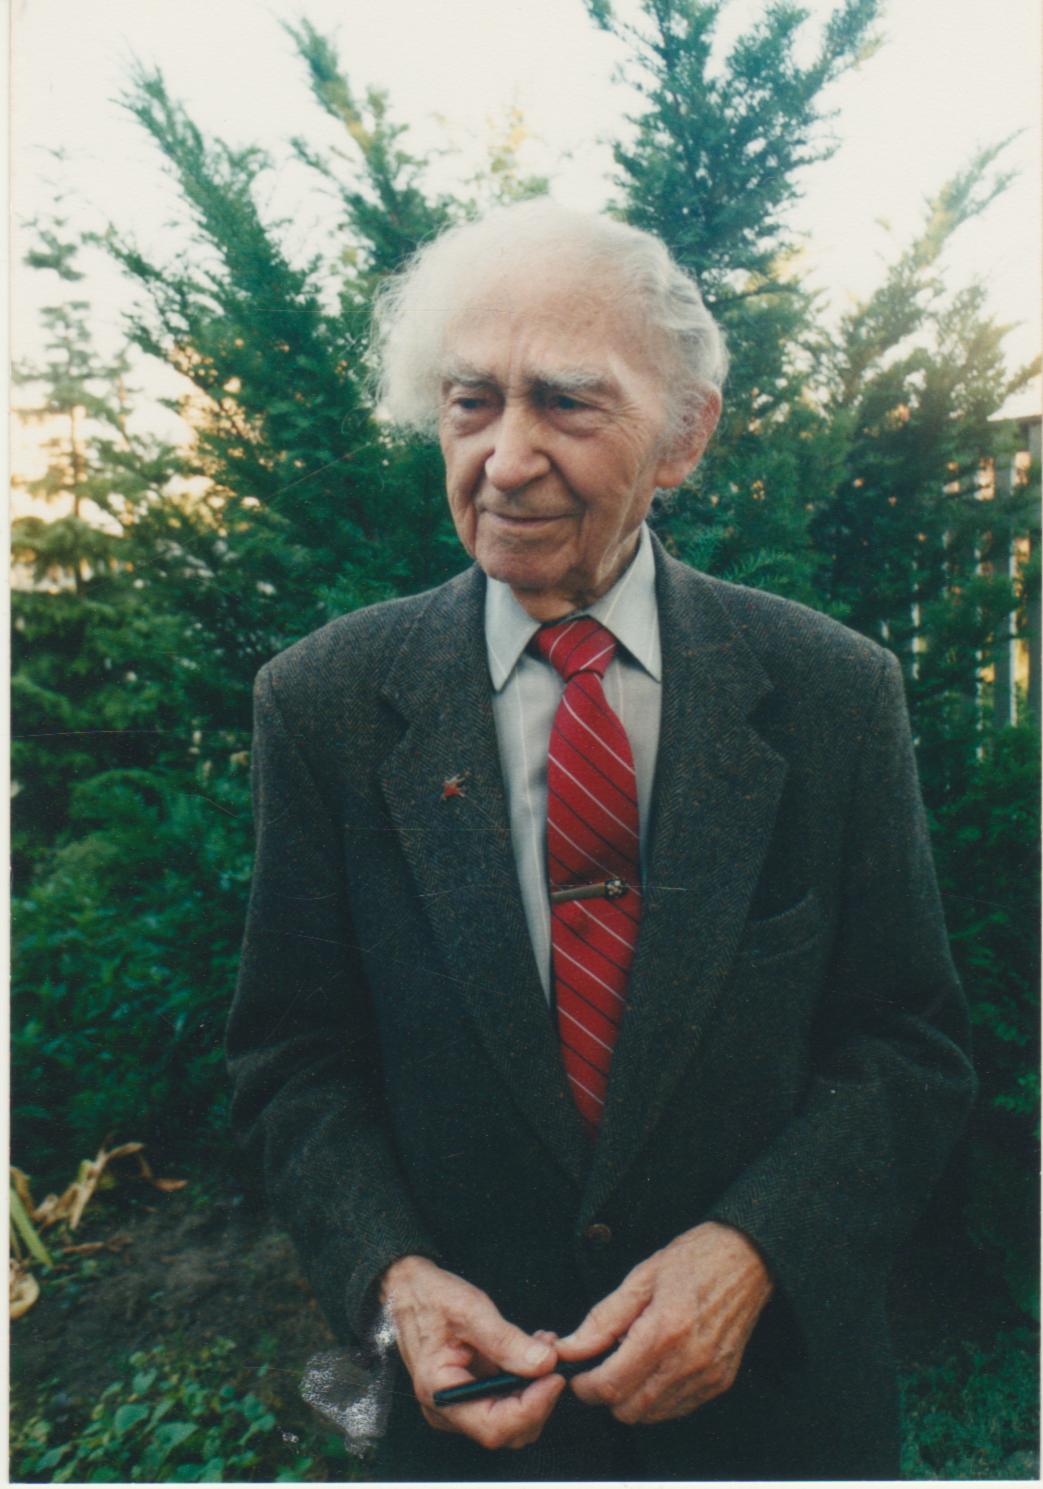 B. Brazdžionis savo namų kiemelyje Kaune. Apie 1997 m.